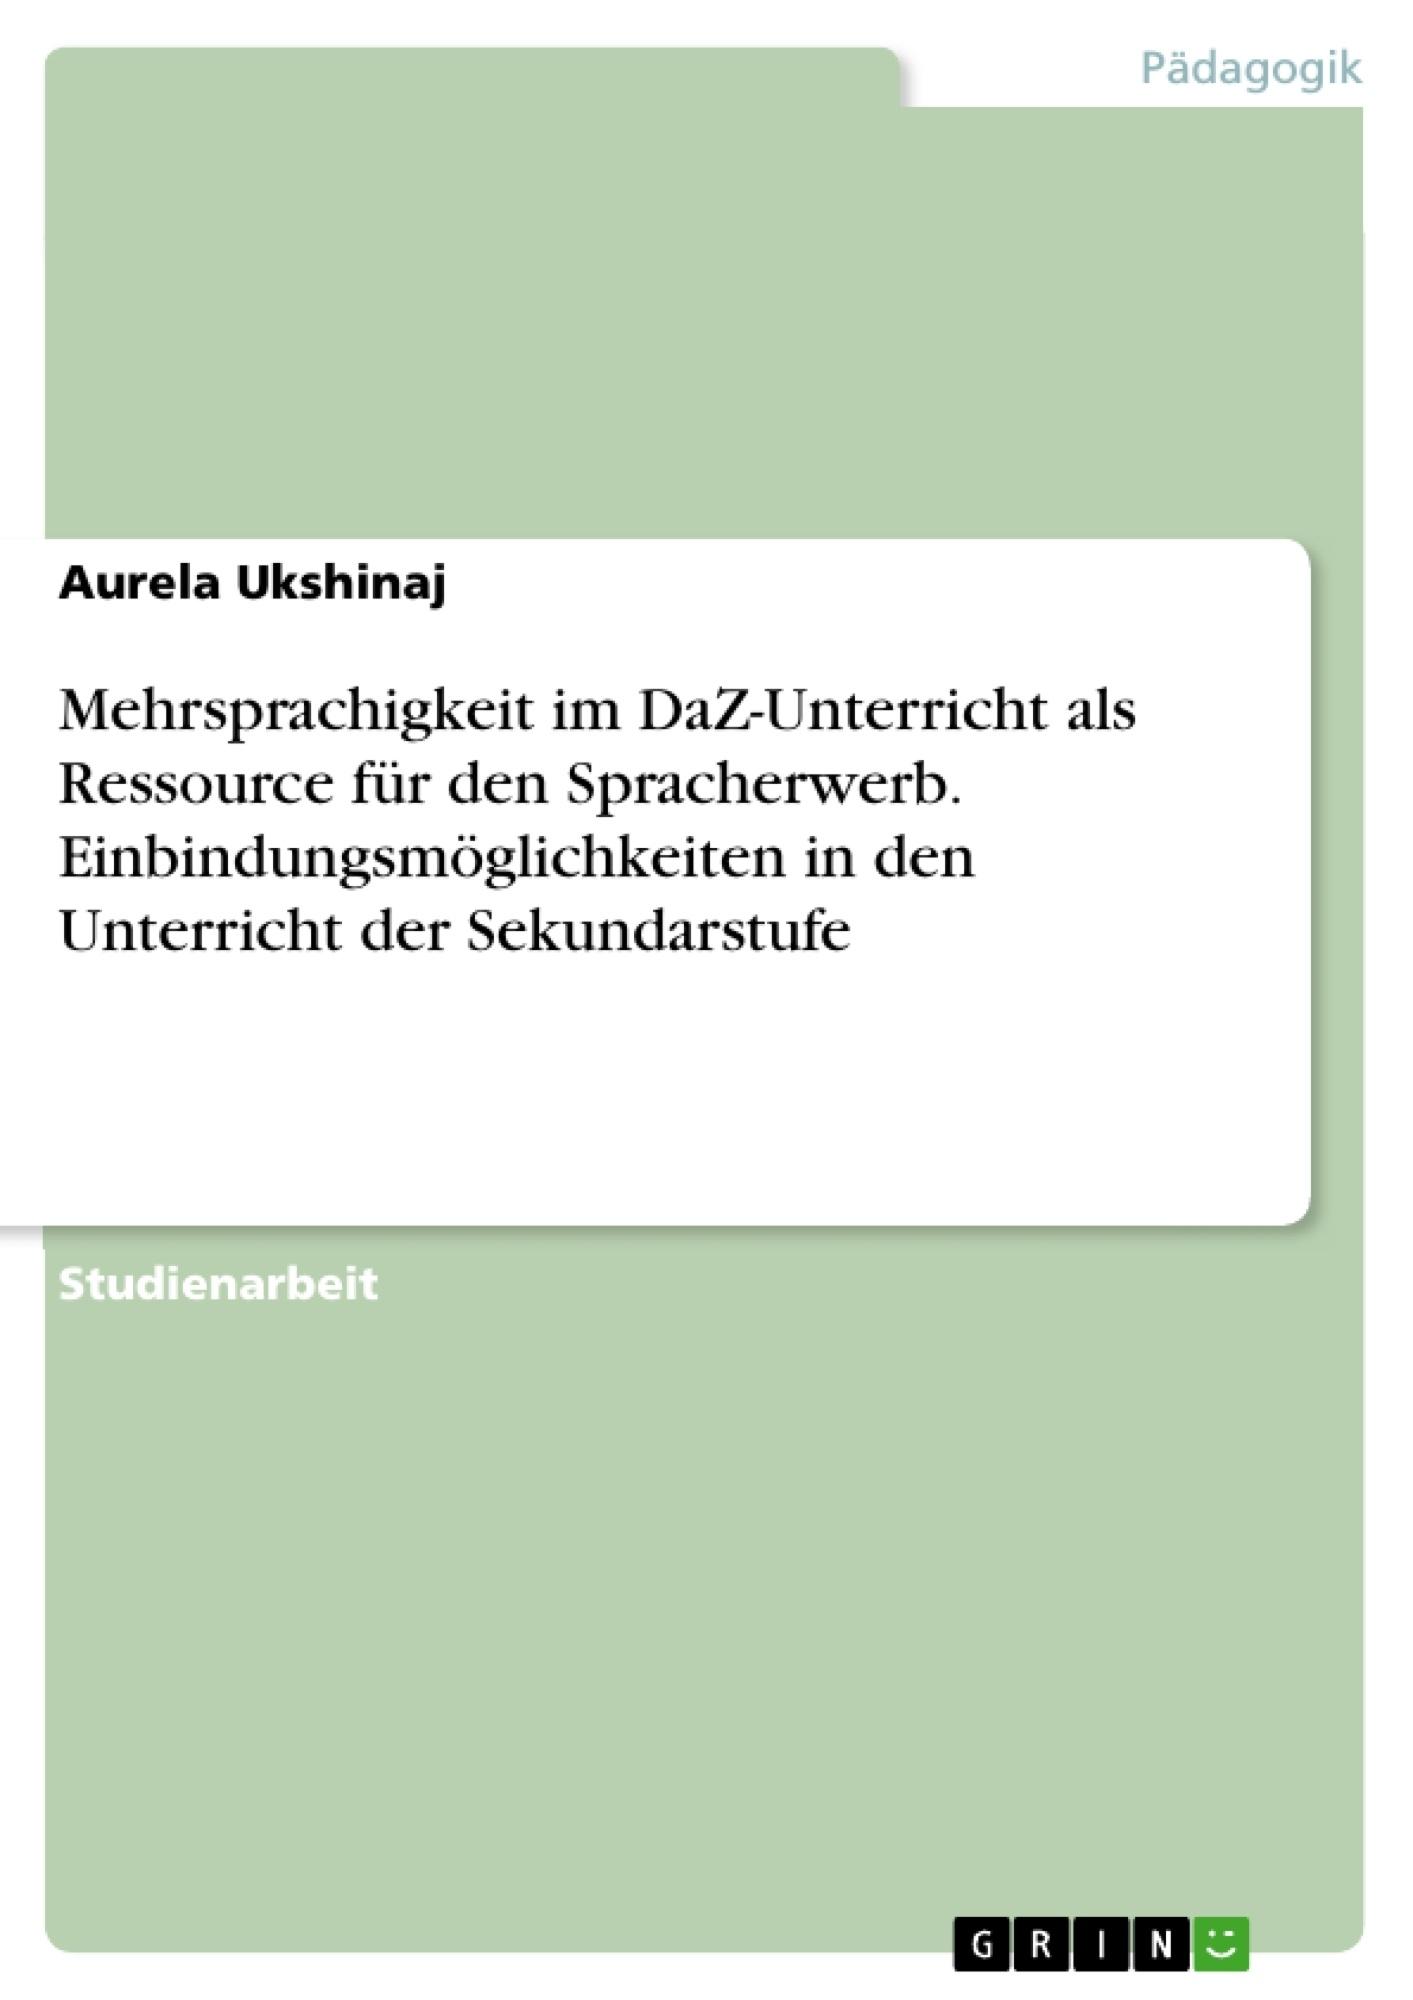 Titel: Mehrsprachigkeit im DaZ-Unterricht als Ressource für den Spracherwerb. Einbindungsmöglichkeiten in den Unterricht der Sekundarstufe